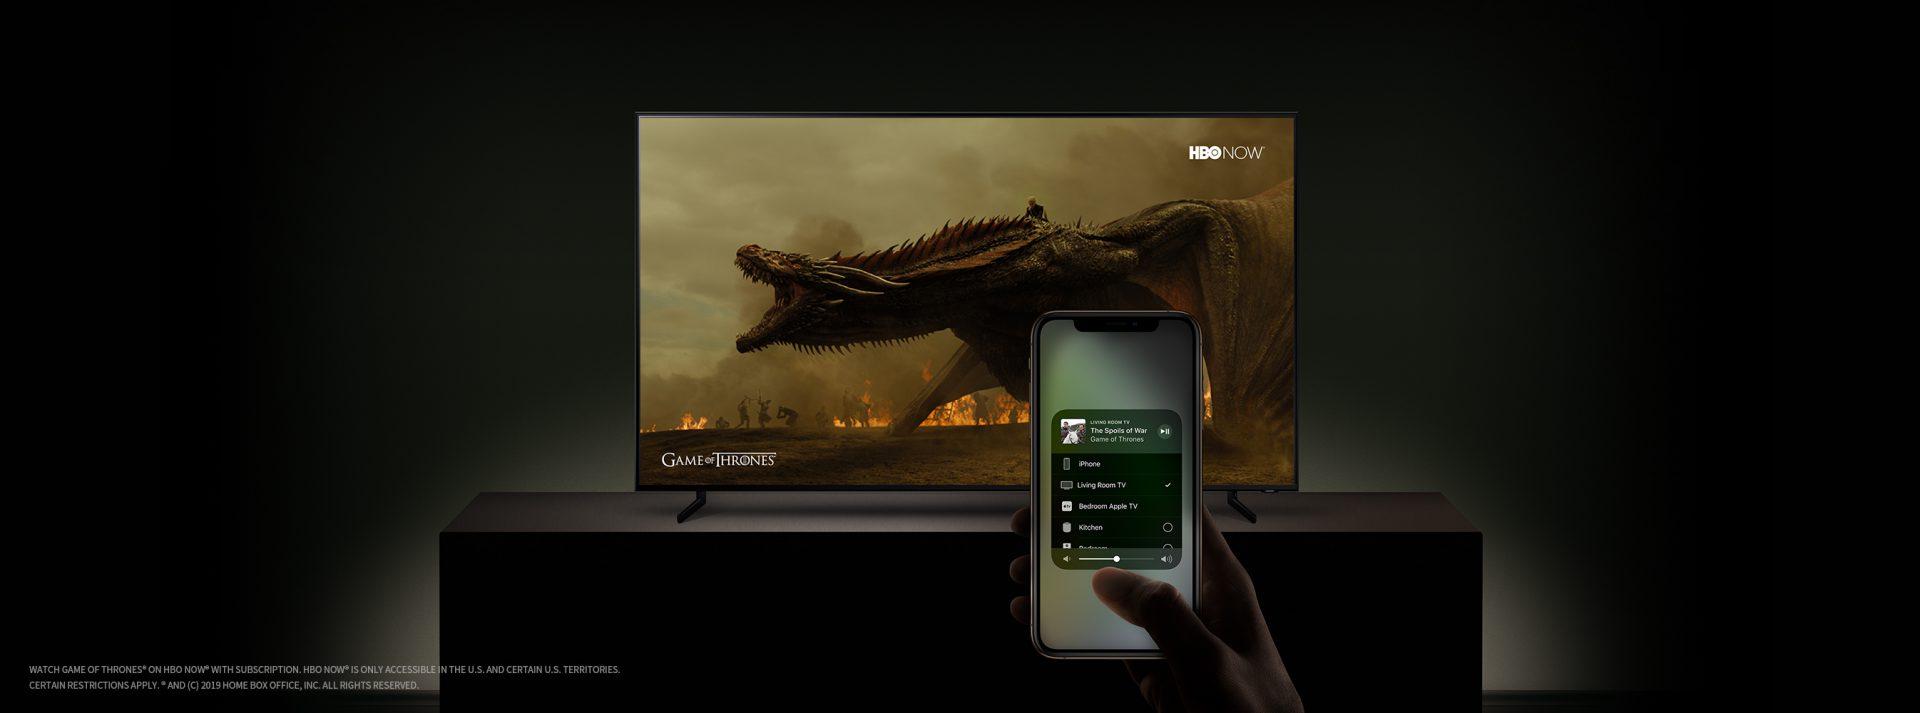 [CES 2019] TV thông minh Samsung tích hợp tính năng Apple iTunes và AirPlay 2